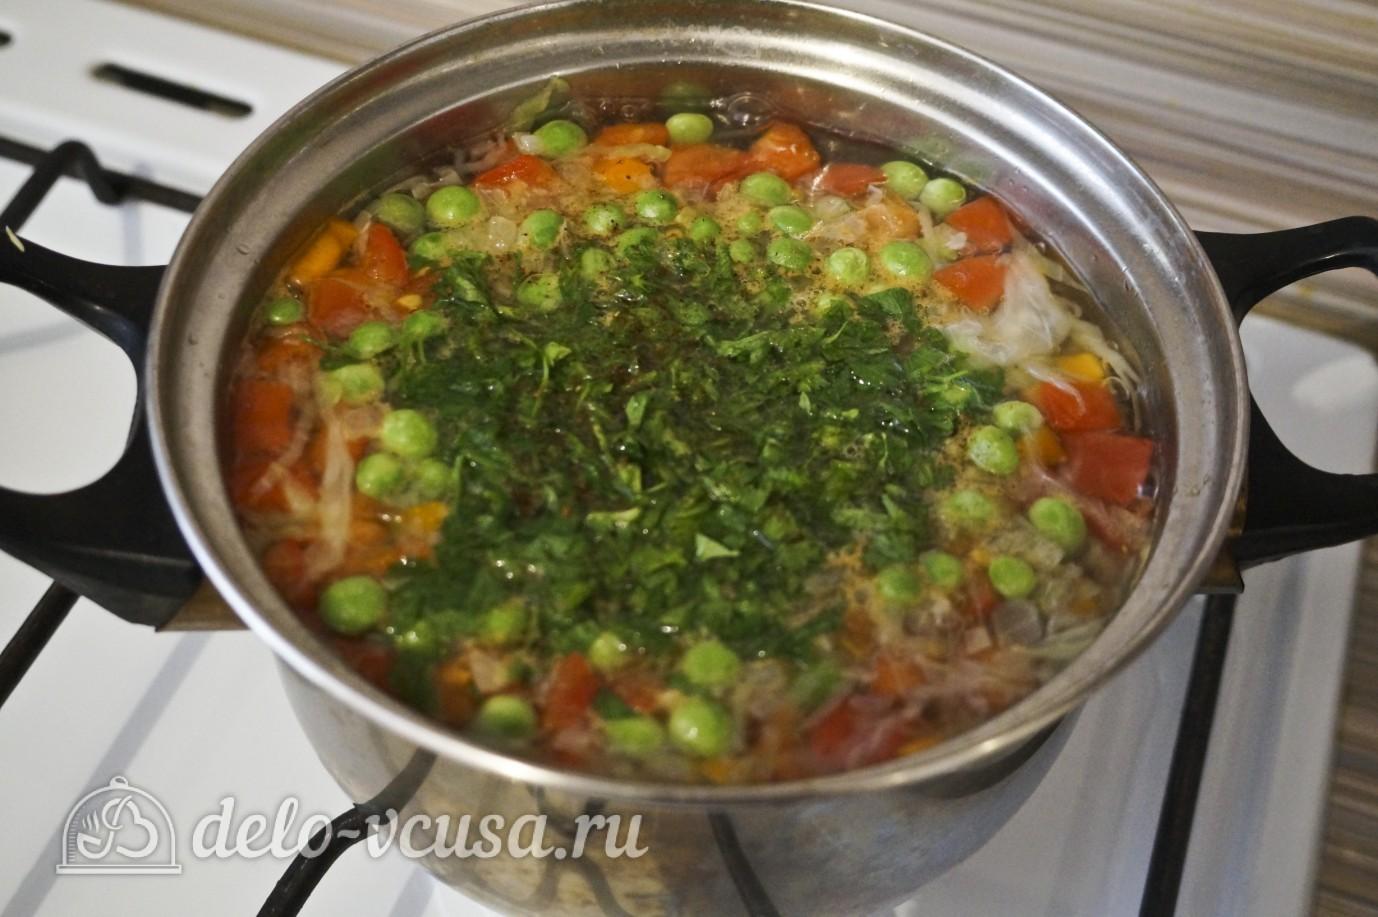 Овощной суп с зеленым горошком: Добавить зелень